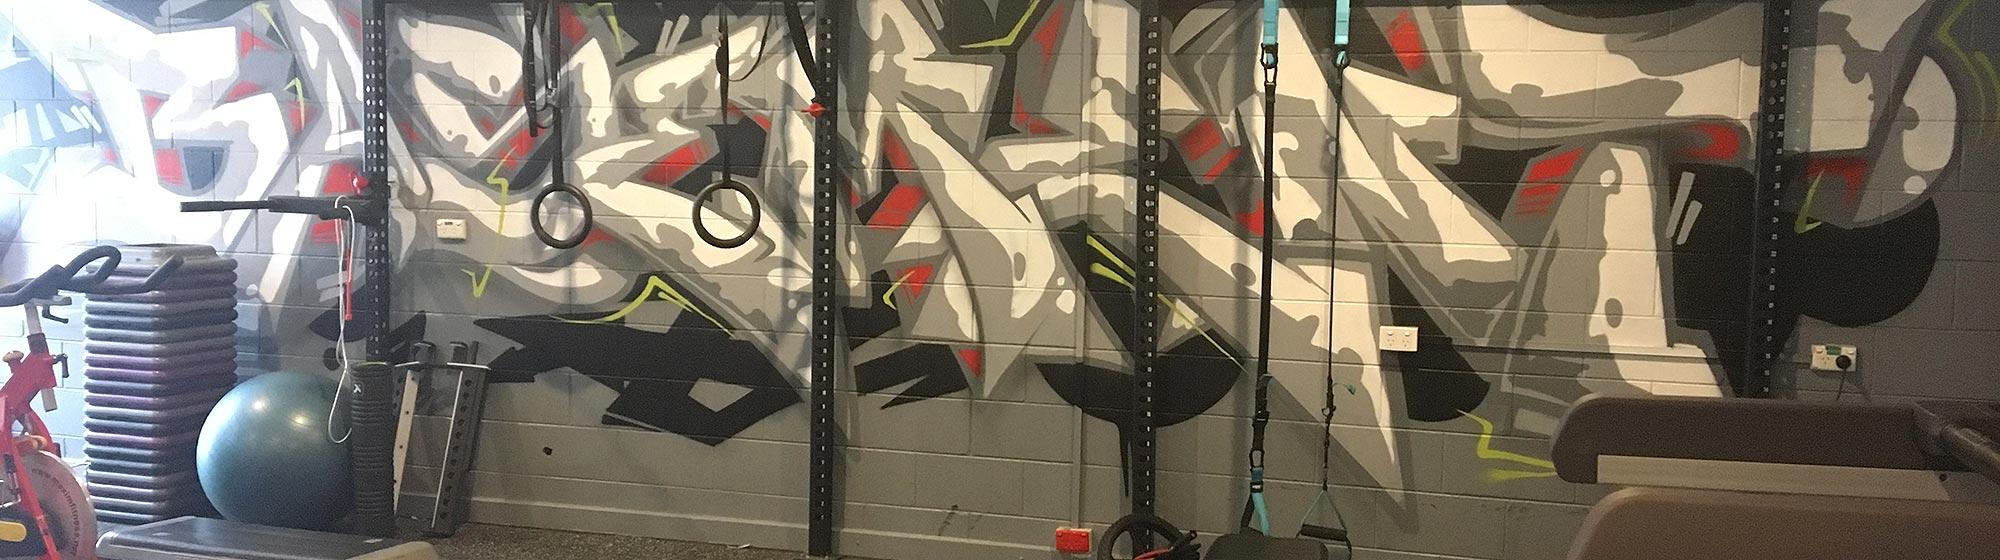 gym nt